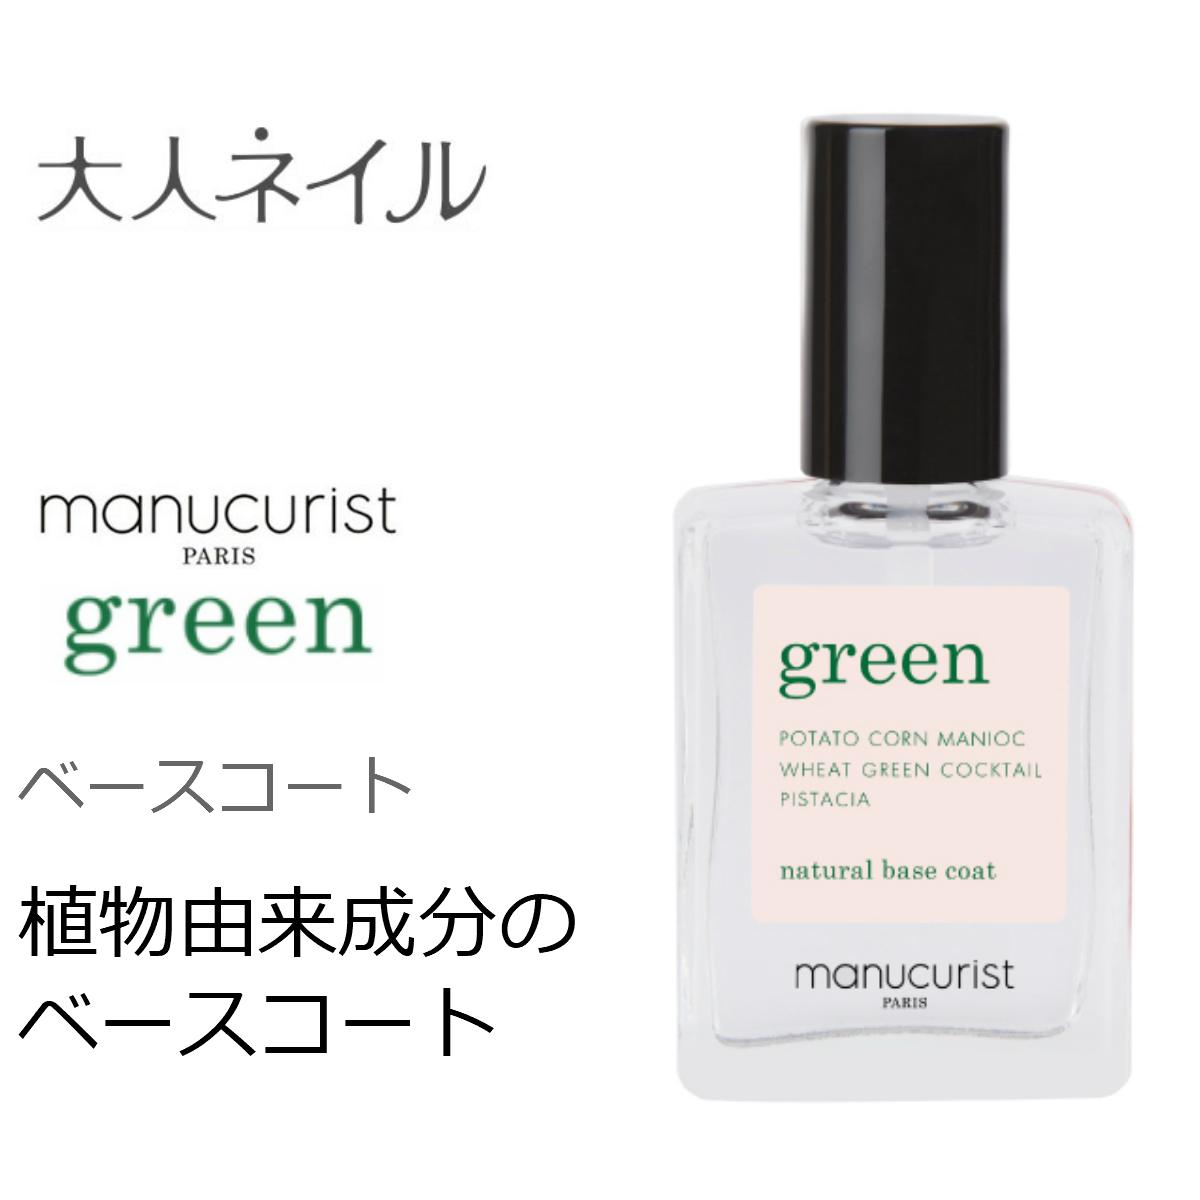 green グリーン ナチュラルベースコート 31500  15ml 爪にやさしい 長持ち 植物由来 検定